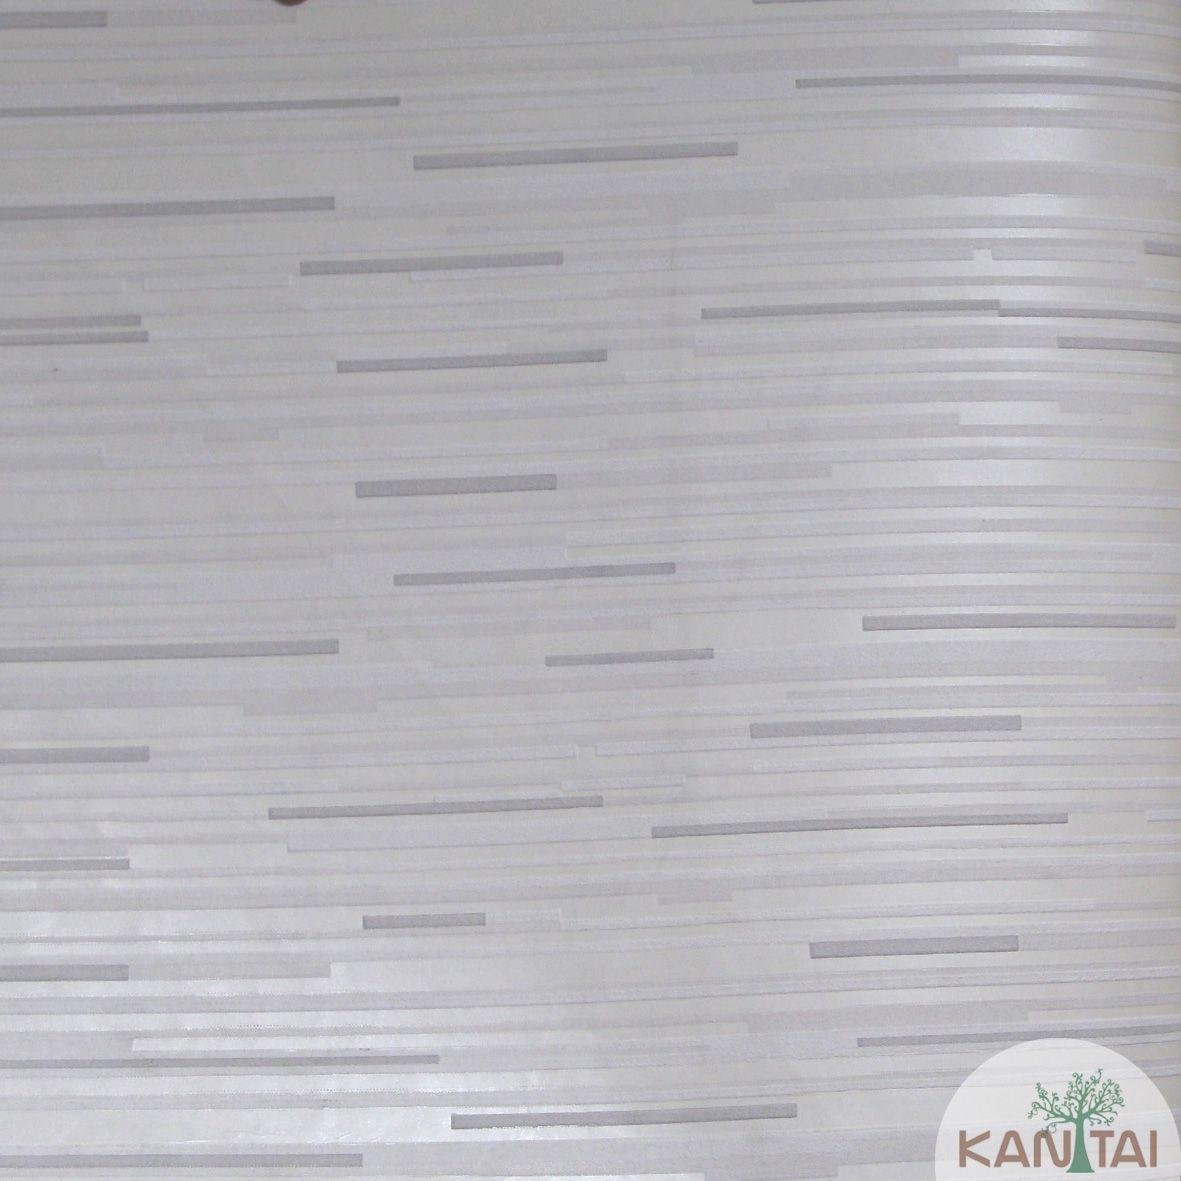 Papel de Parede Importado Kantai TNT Coleção Grace Geométrico Traços Horizontais Creme, Off white, Cinza